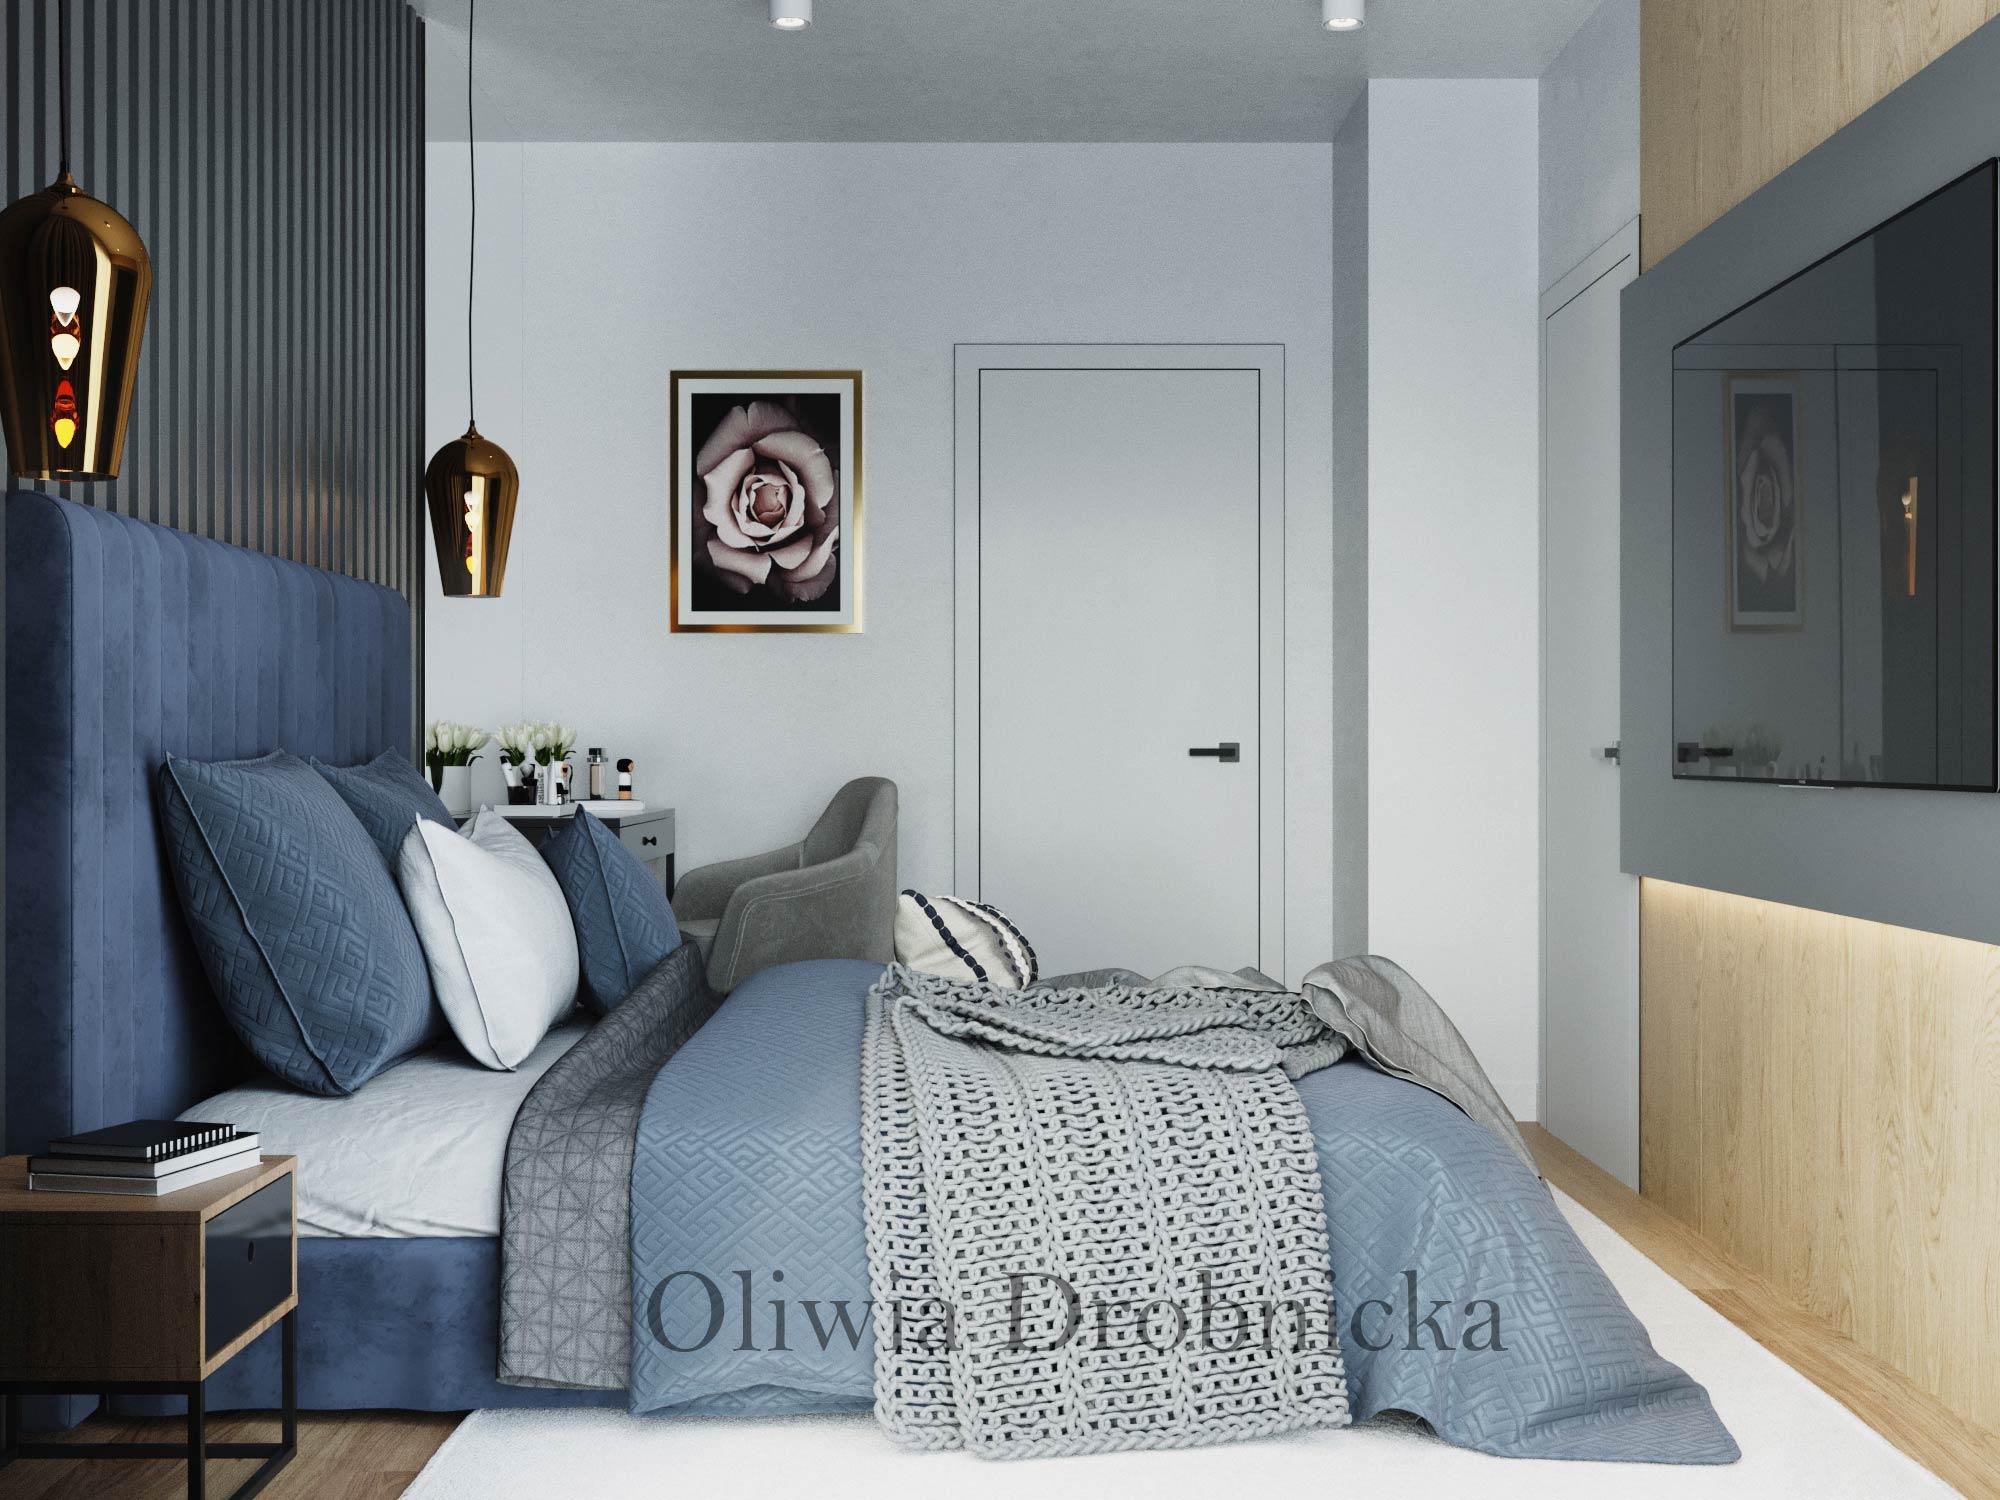 Piękna sypialnia w granacie